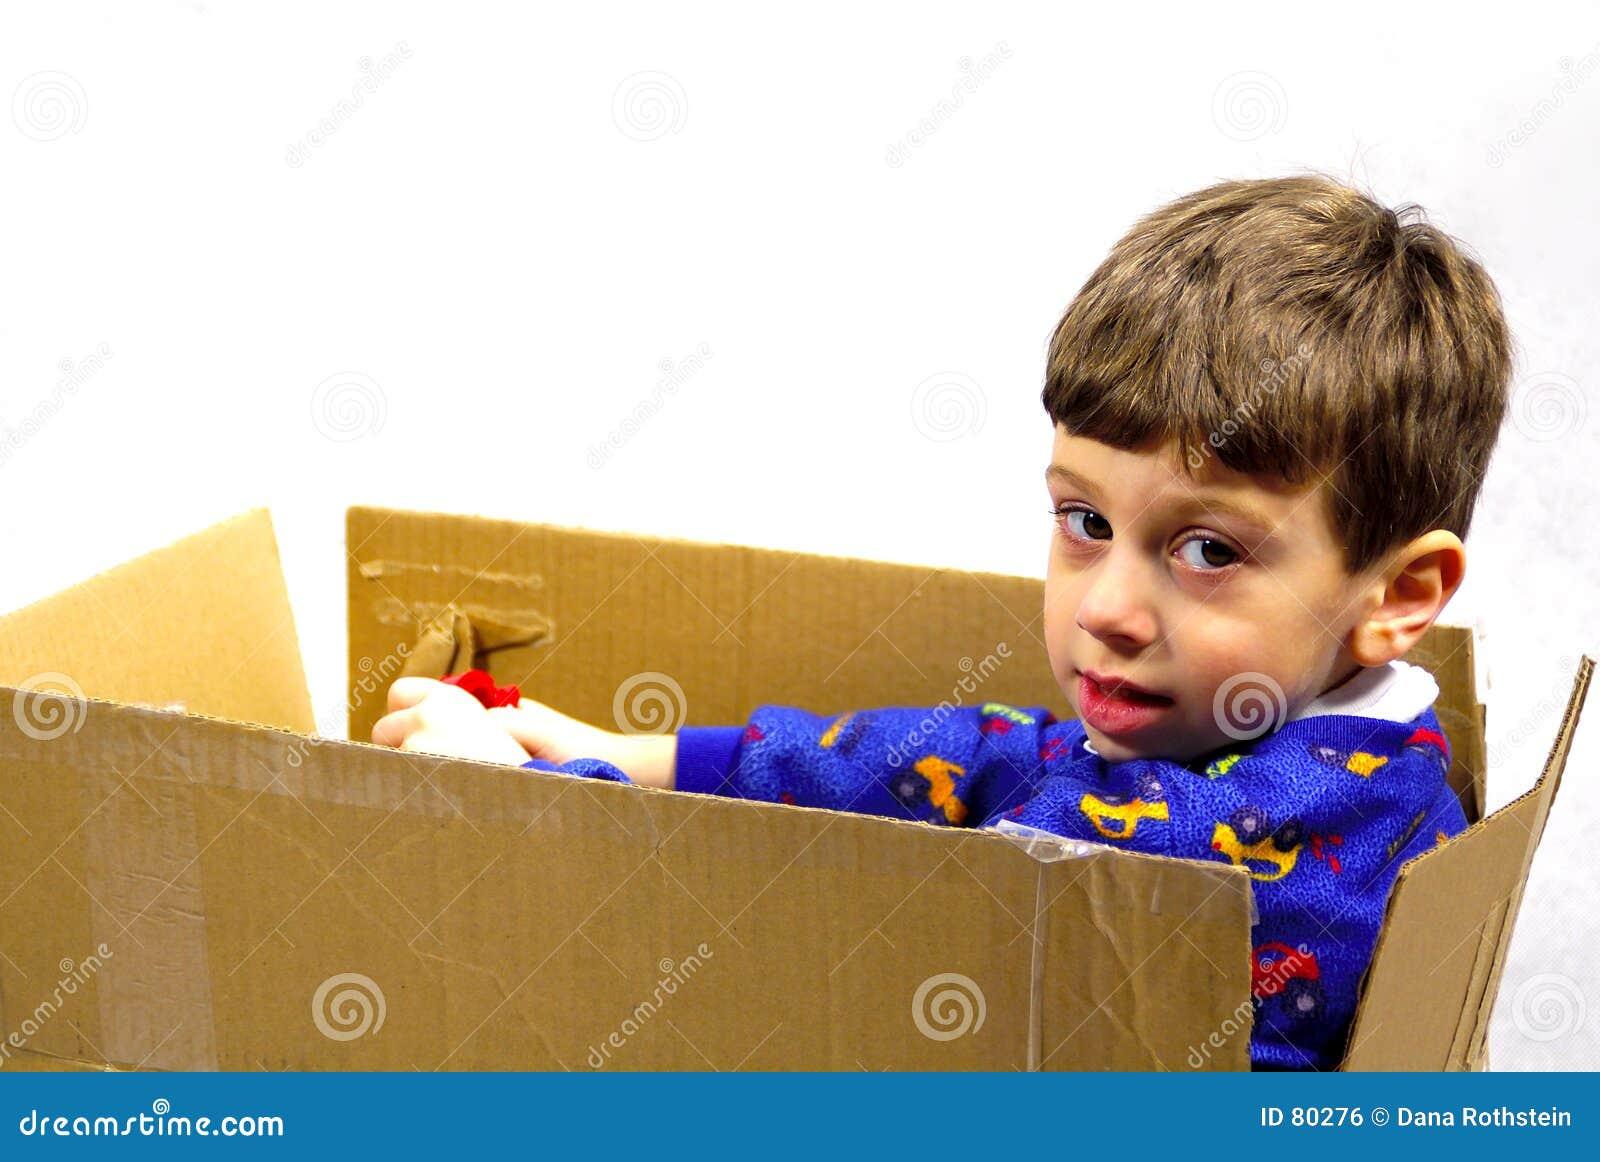 配件箱子项